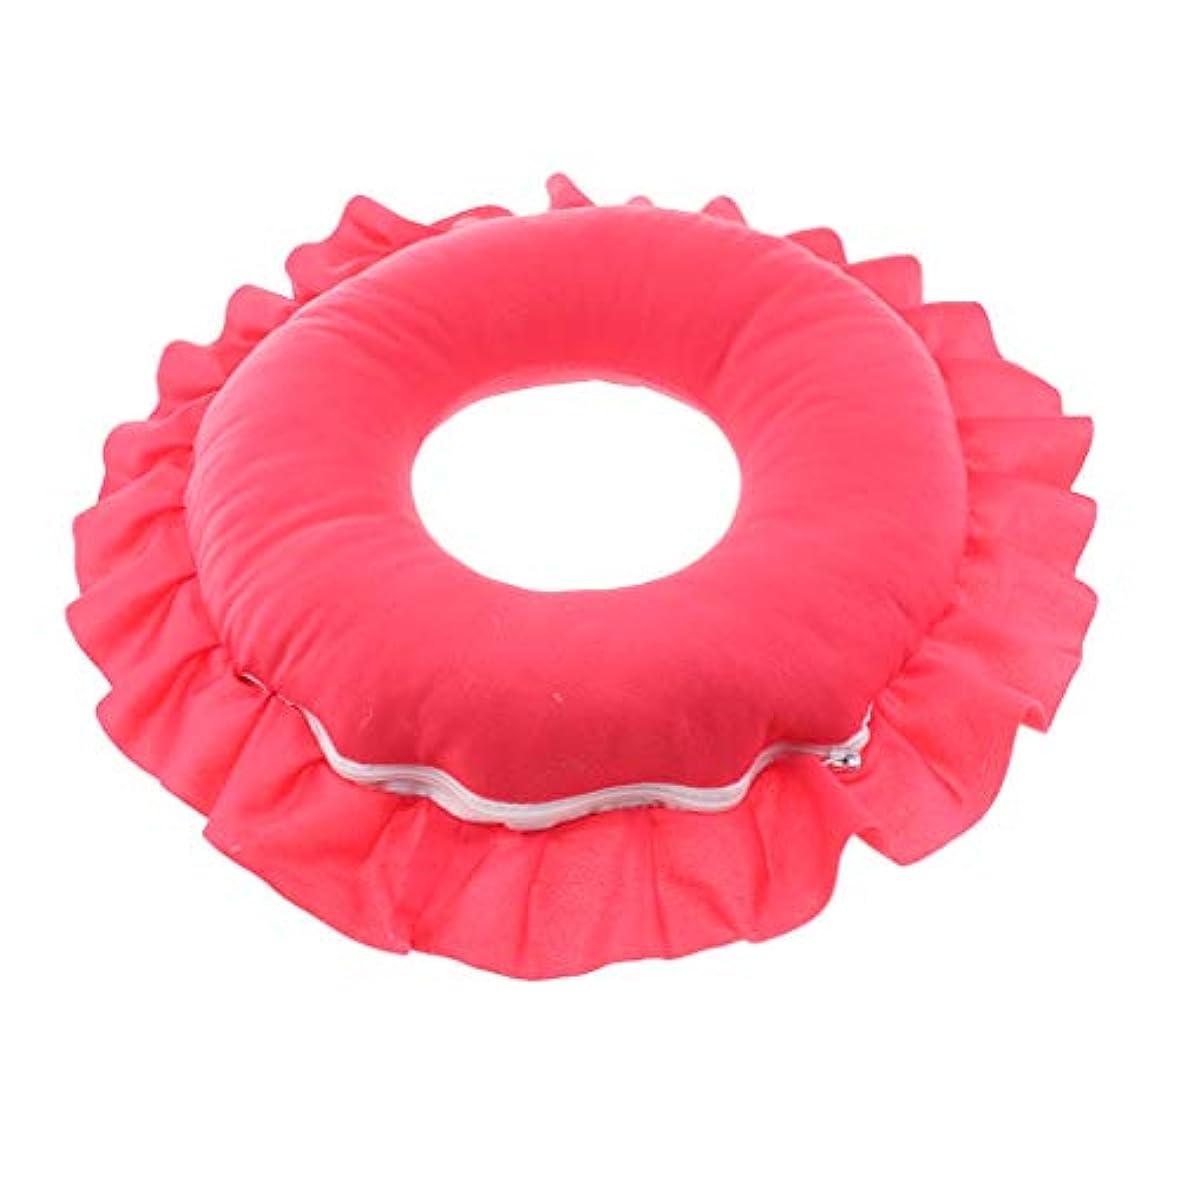 ポール妖精小人全4色 洗えるピロー フェイスピロー 顔枕 マッサージベッド 美容院 ソフト 軽量 快適 - 赤